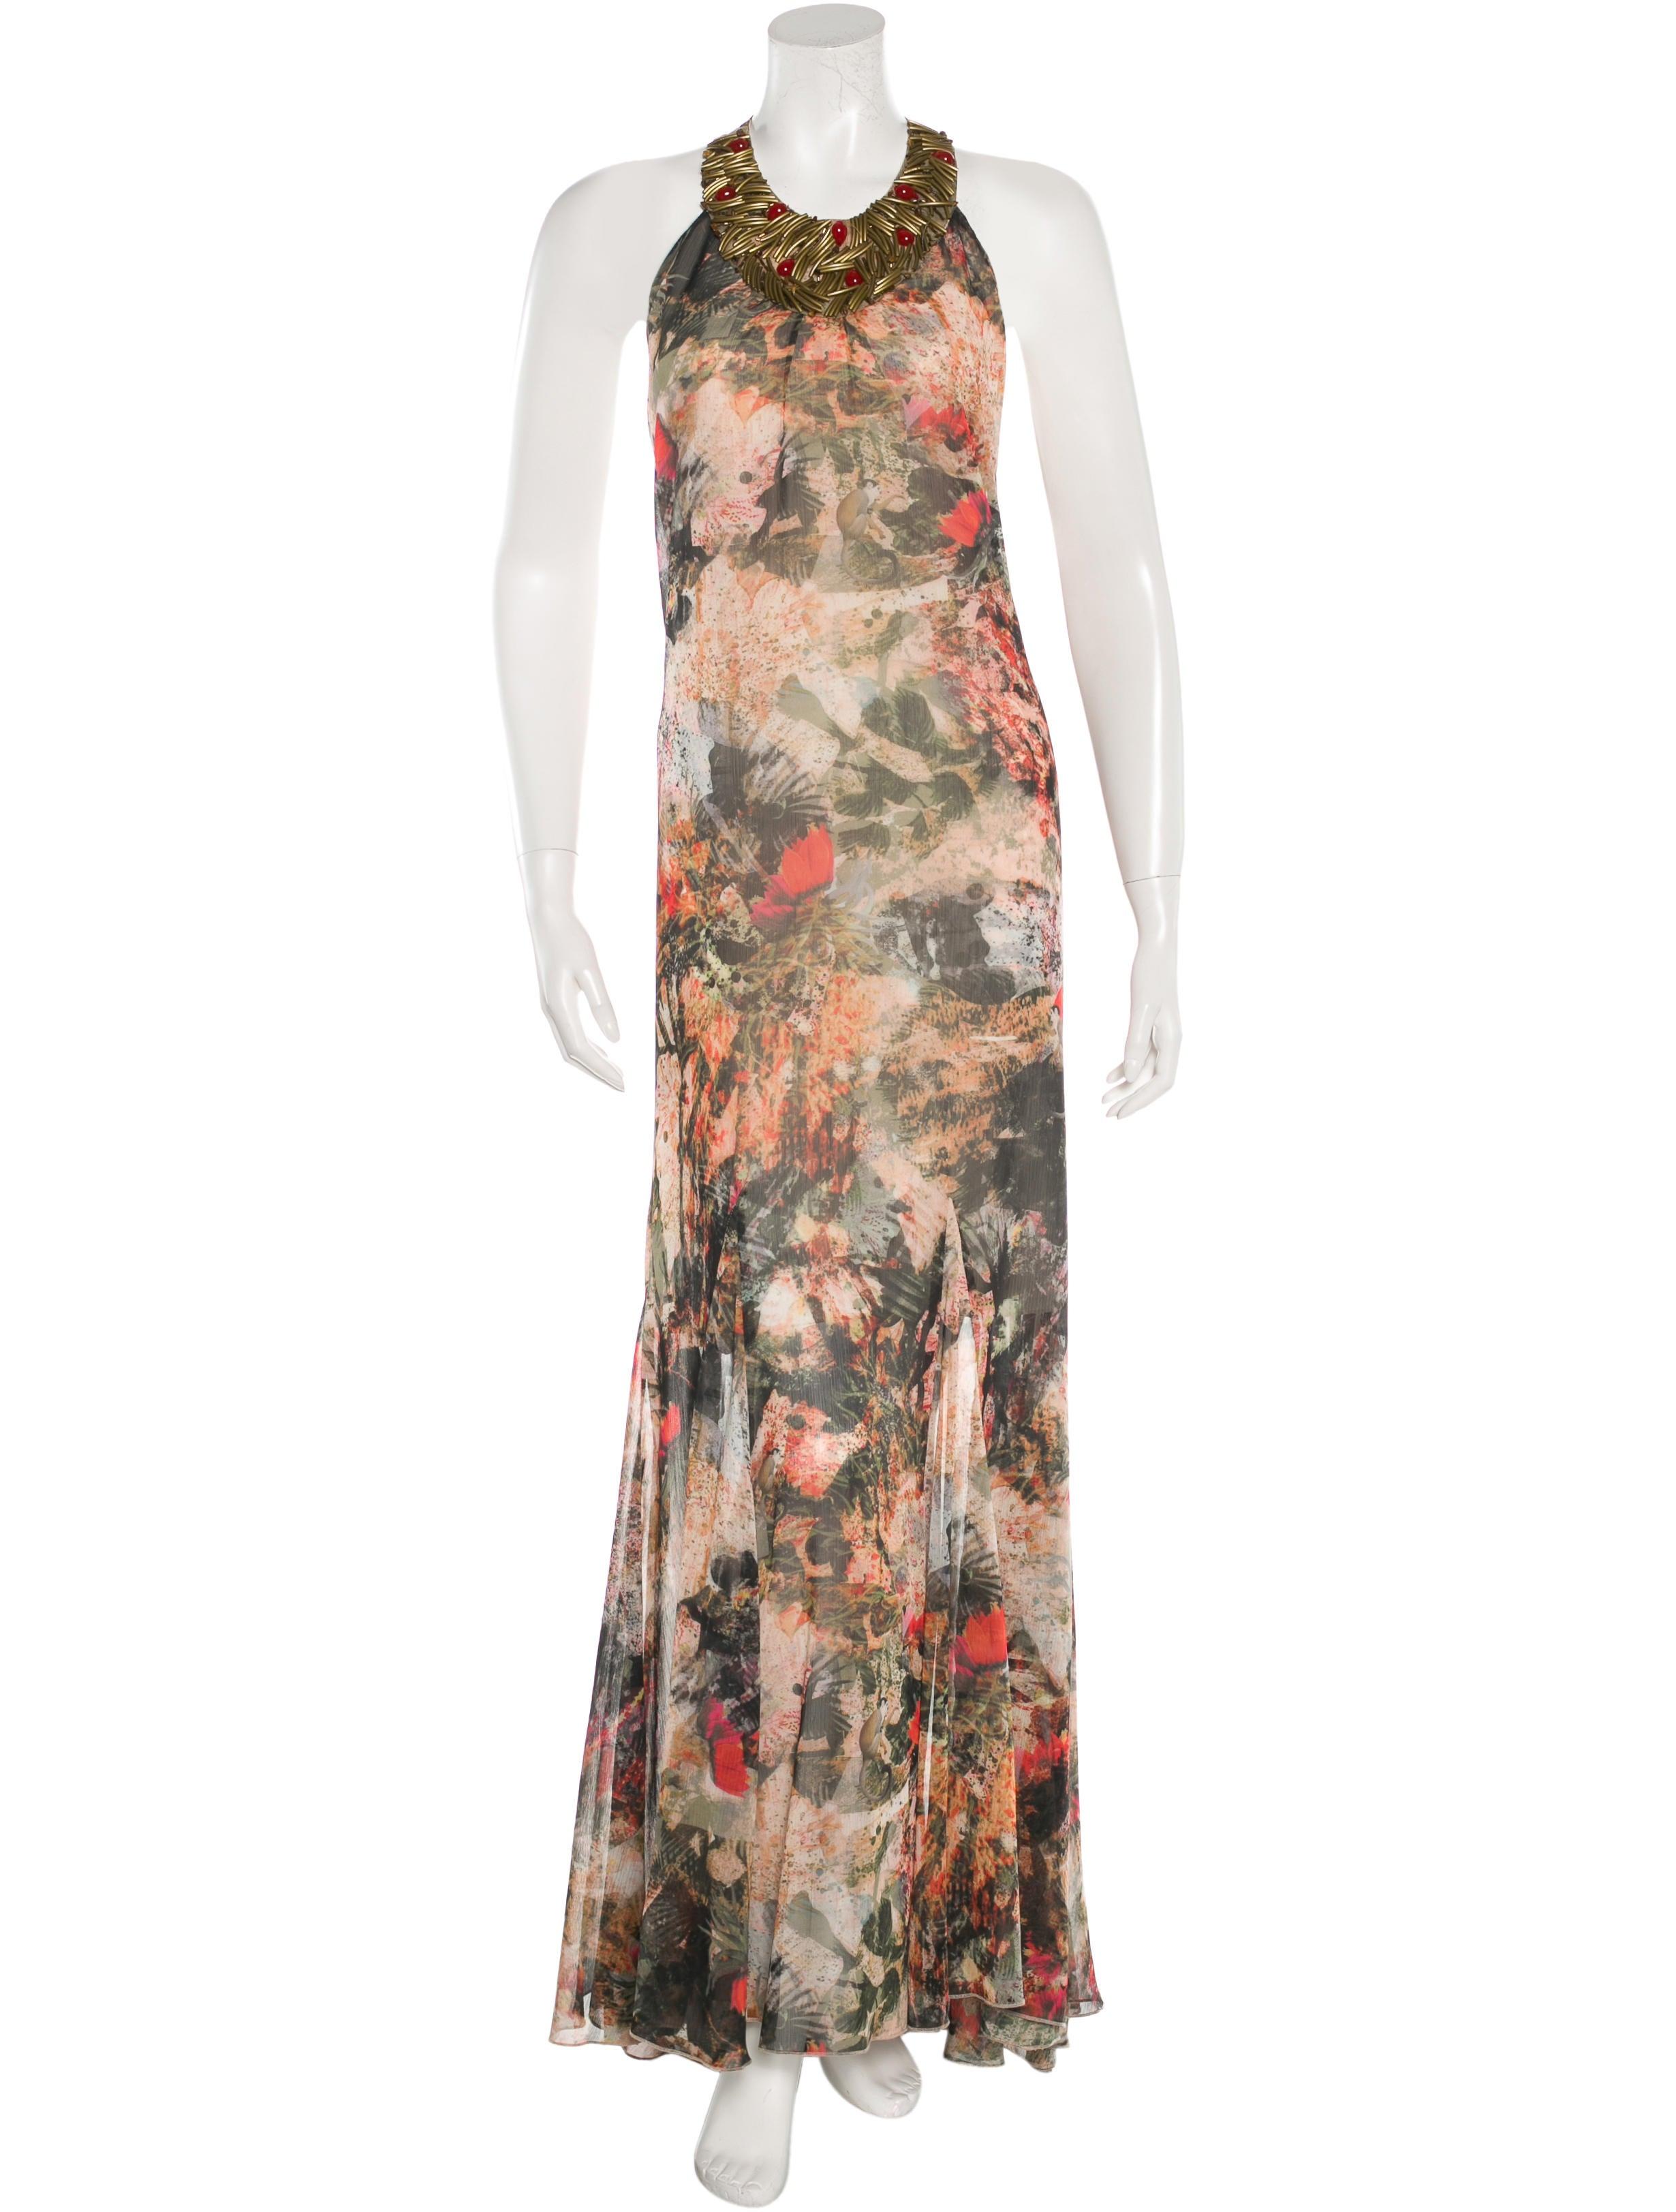 bead embellished evening dress clothing